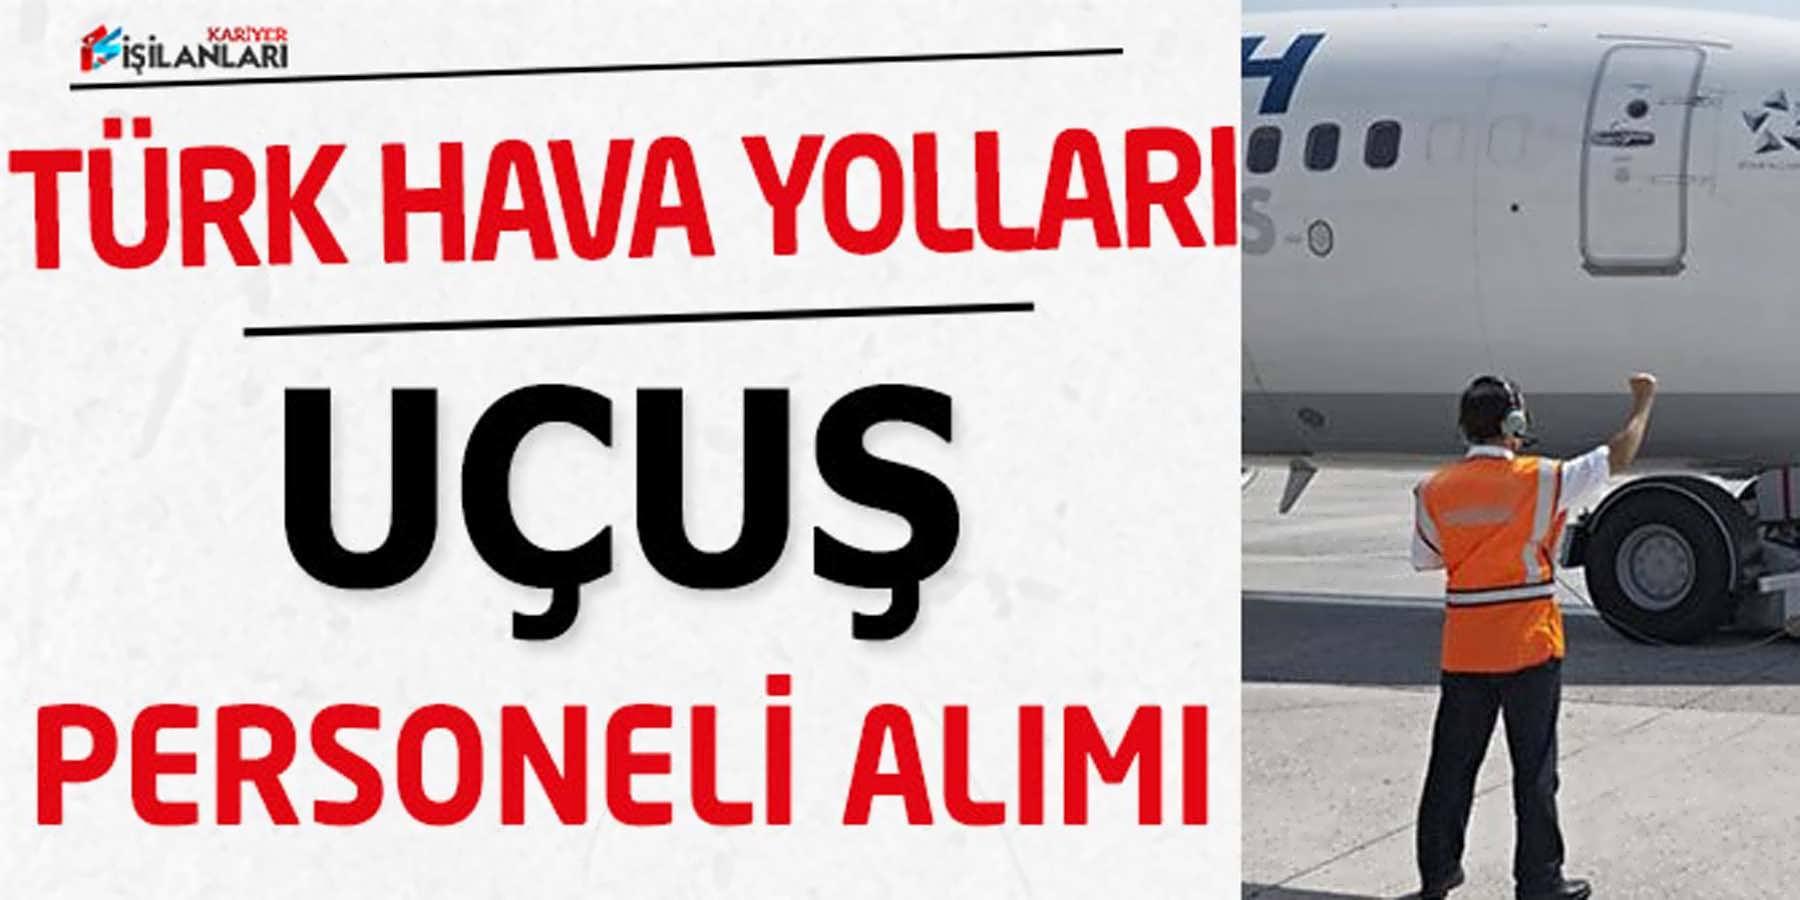 Türk Hava Yolları Uçuş Personeli Alımı (Yüksek Maaşla)